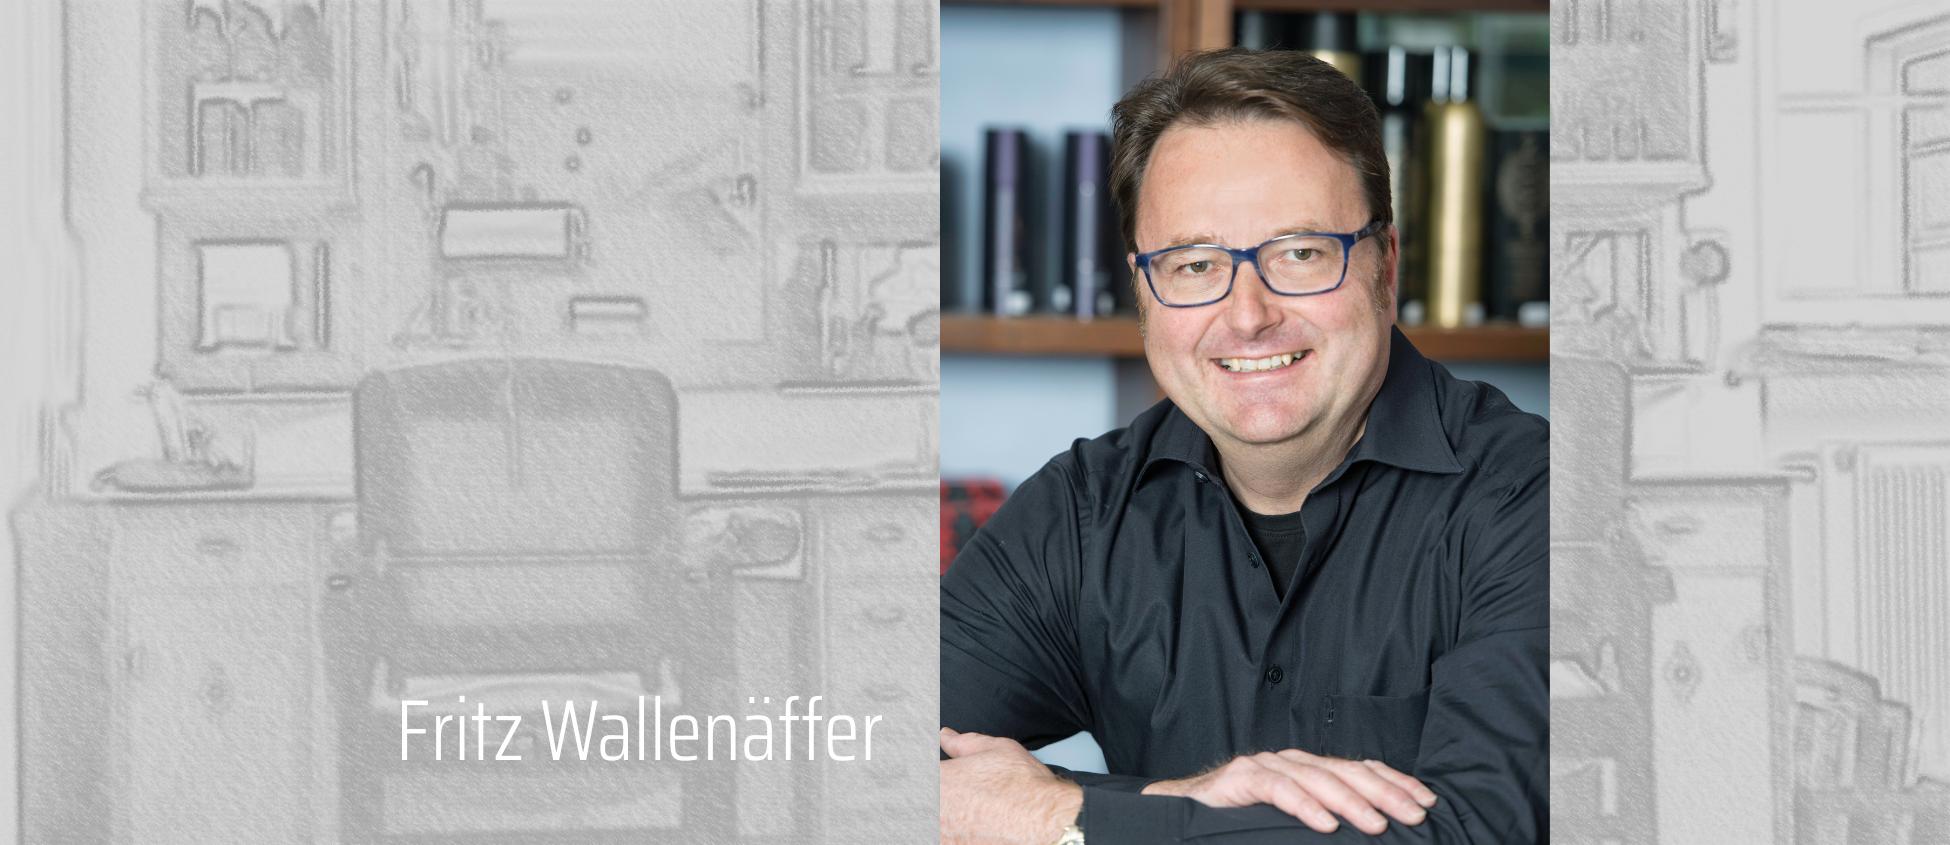 fritz_wallenaeffer